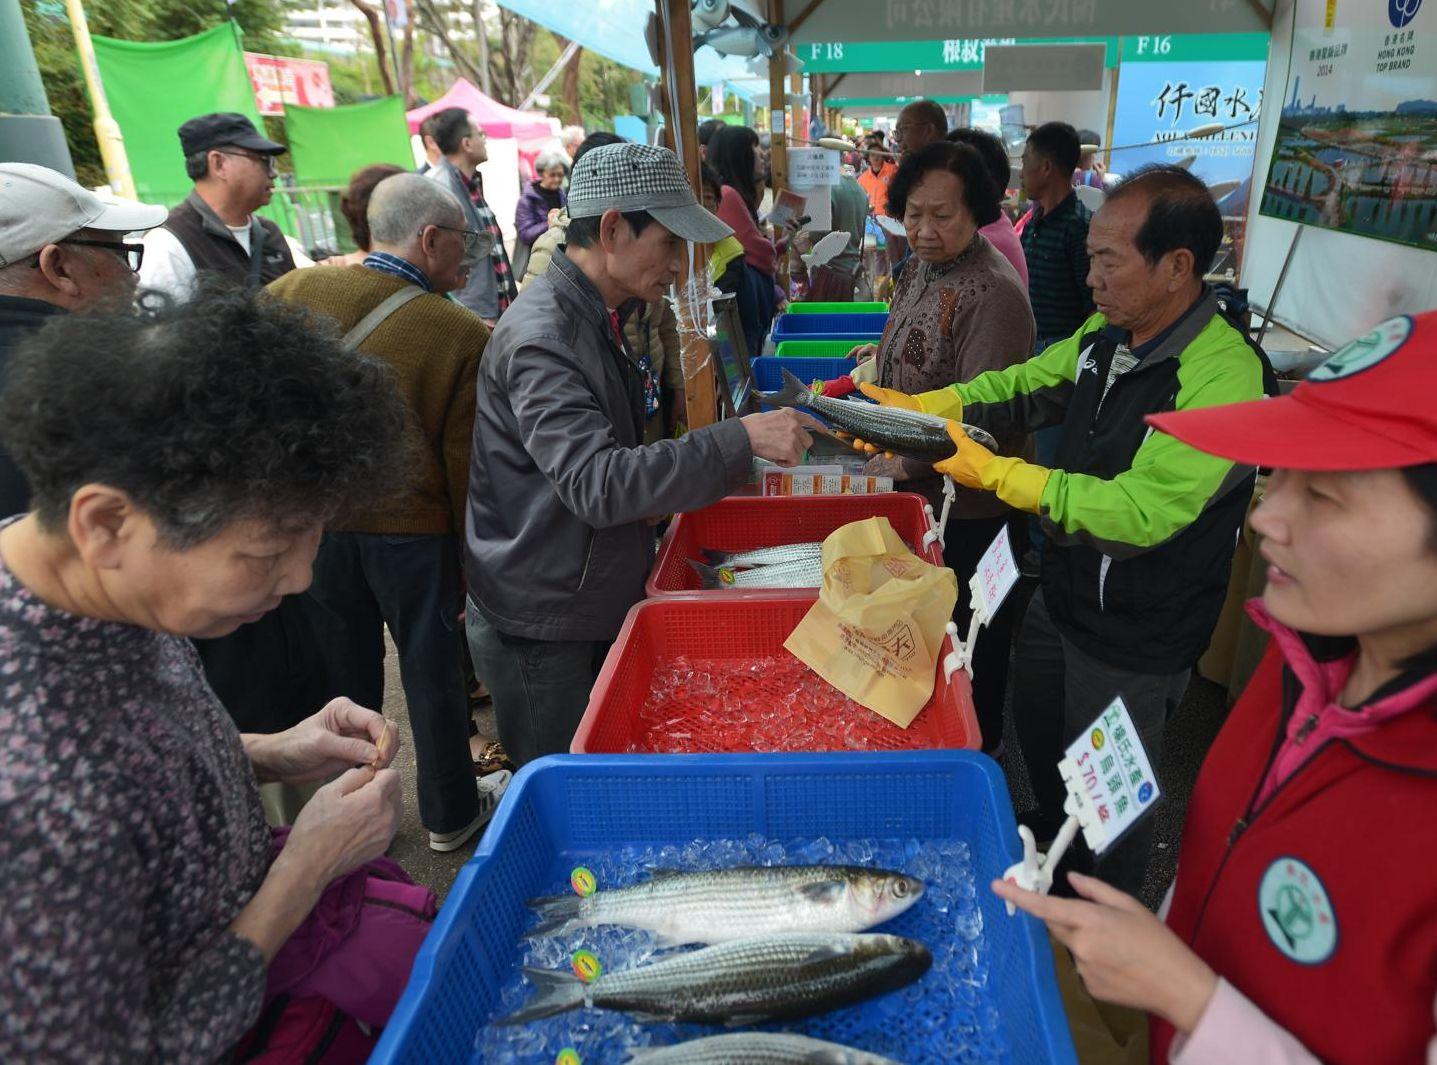 2019本地漁農美食嘉年華,由今日至周日,一連3天在旺角花墟公園舉行。